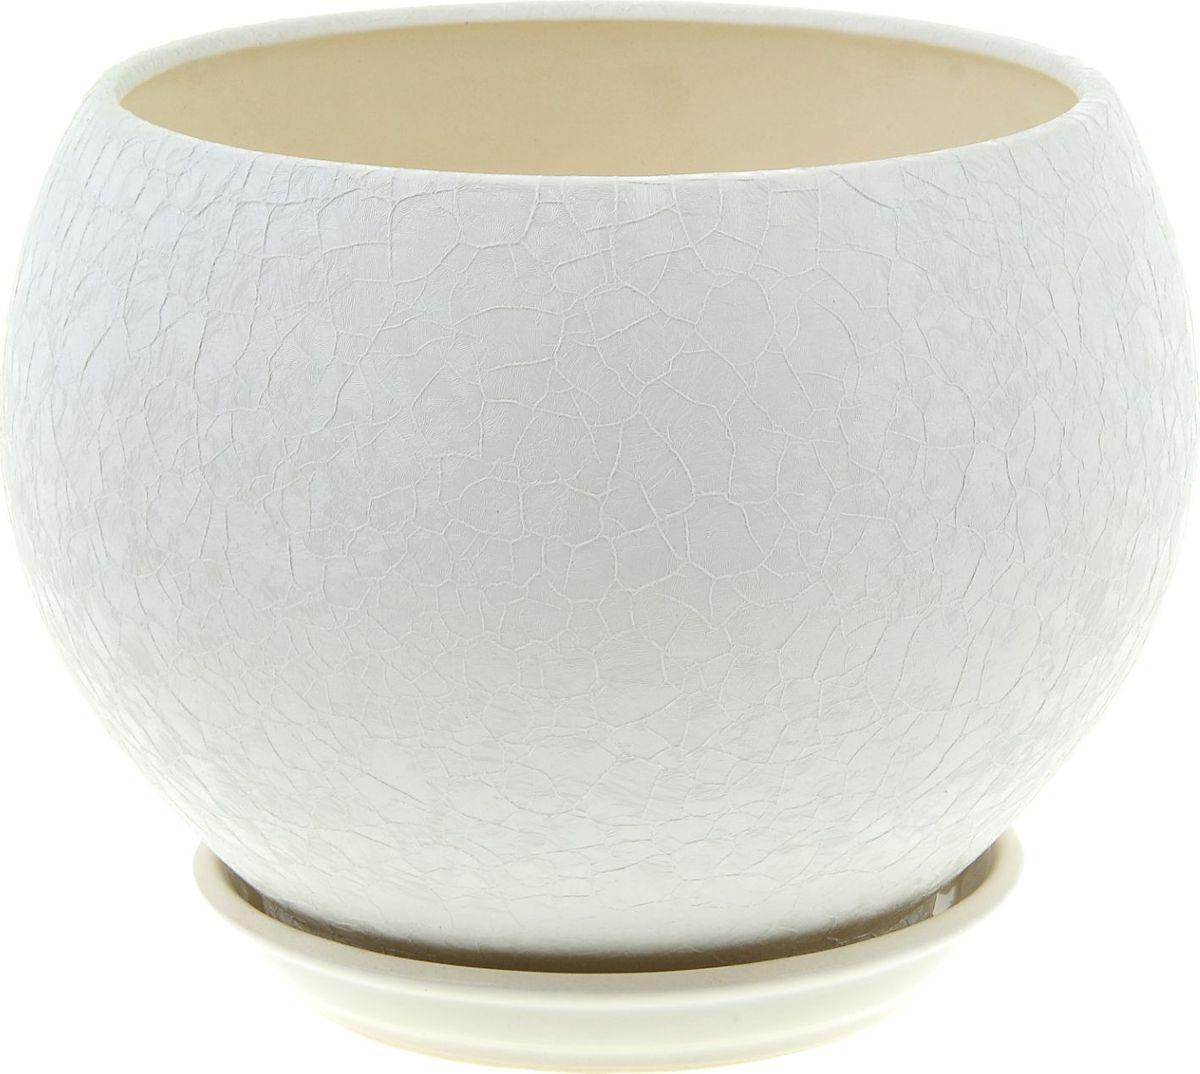 Кашпо Керамика ручной работы Шар, цвет: белый, 4,1 л835707Комнатные растения — всеобщие любимцы. Они радуют глаз, насыщают помещение кислородом и украшают пространство. Каждому из них необходим свой удобный и красивый дом. Кашпо из керамики прекрасно подходят для высадки растений: за счет пластичности глины и разных способов обработки существует великое множество форм и дизайнов пористый материал позволяет испаряться лишней влаге воздух, необходимый для дыхания корней, проникает сквозь керамические стенки! позаботится о зеленом питомце, освежит интерьер и подчеркнет его стиль.